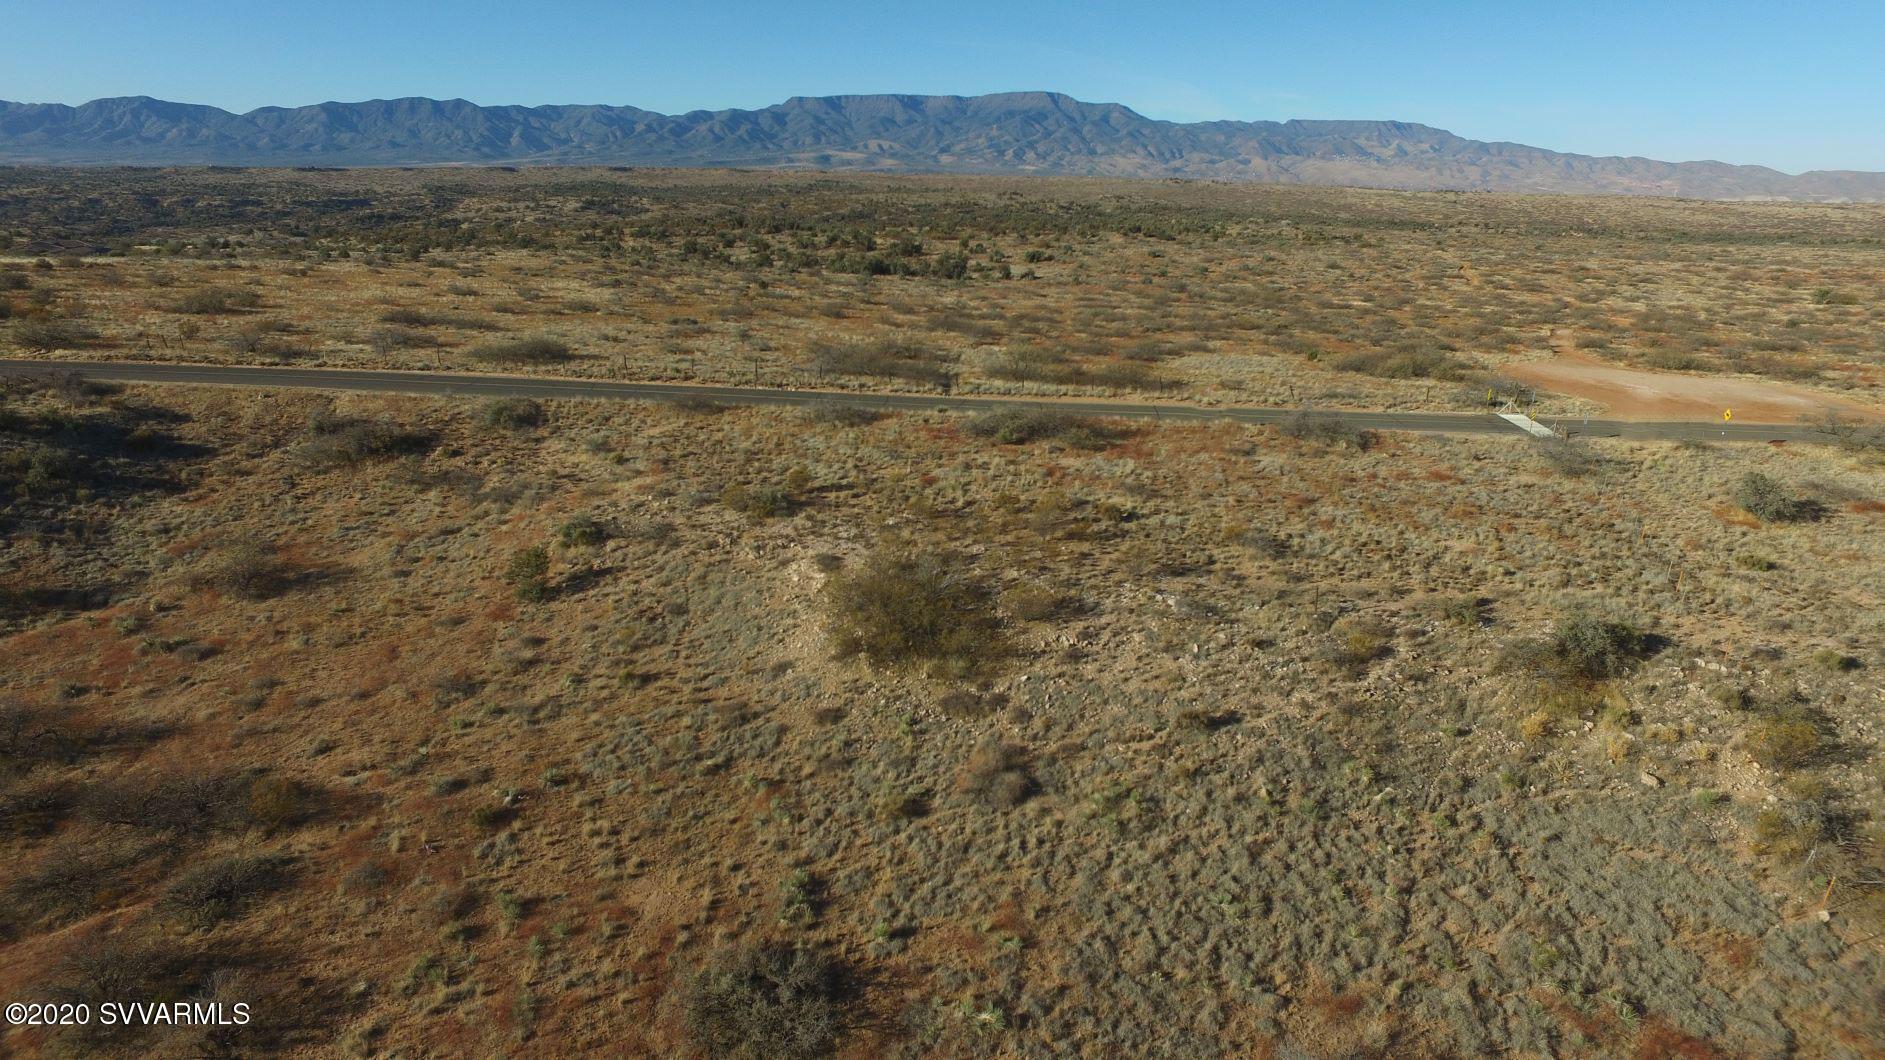 000 N Merritt Ranch Rd Cornville, AZ 86325